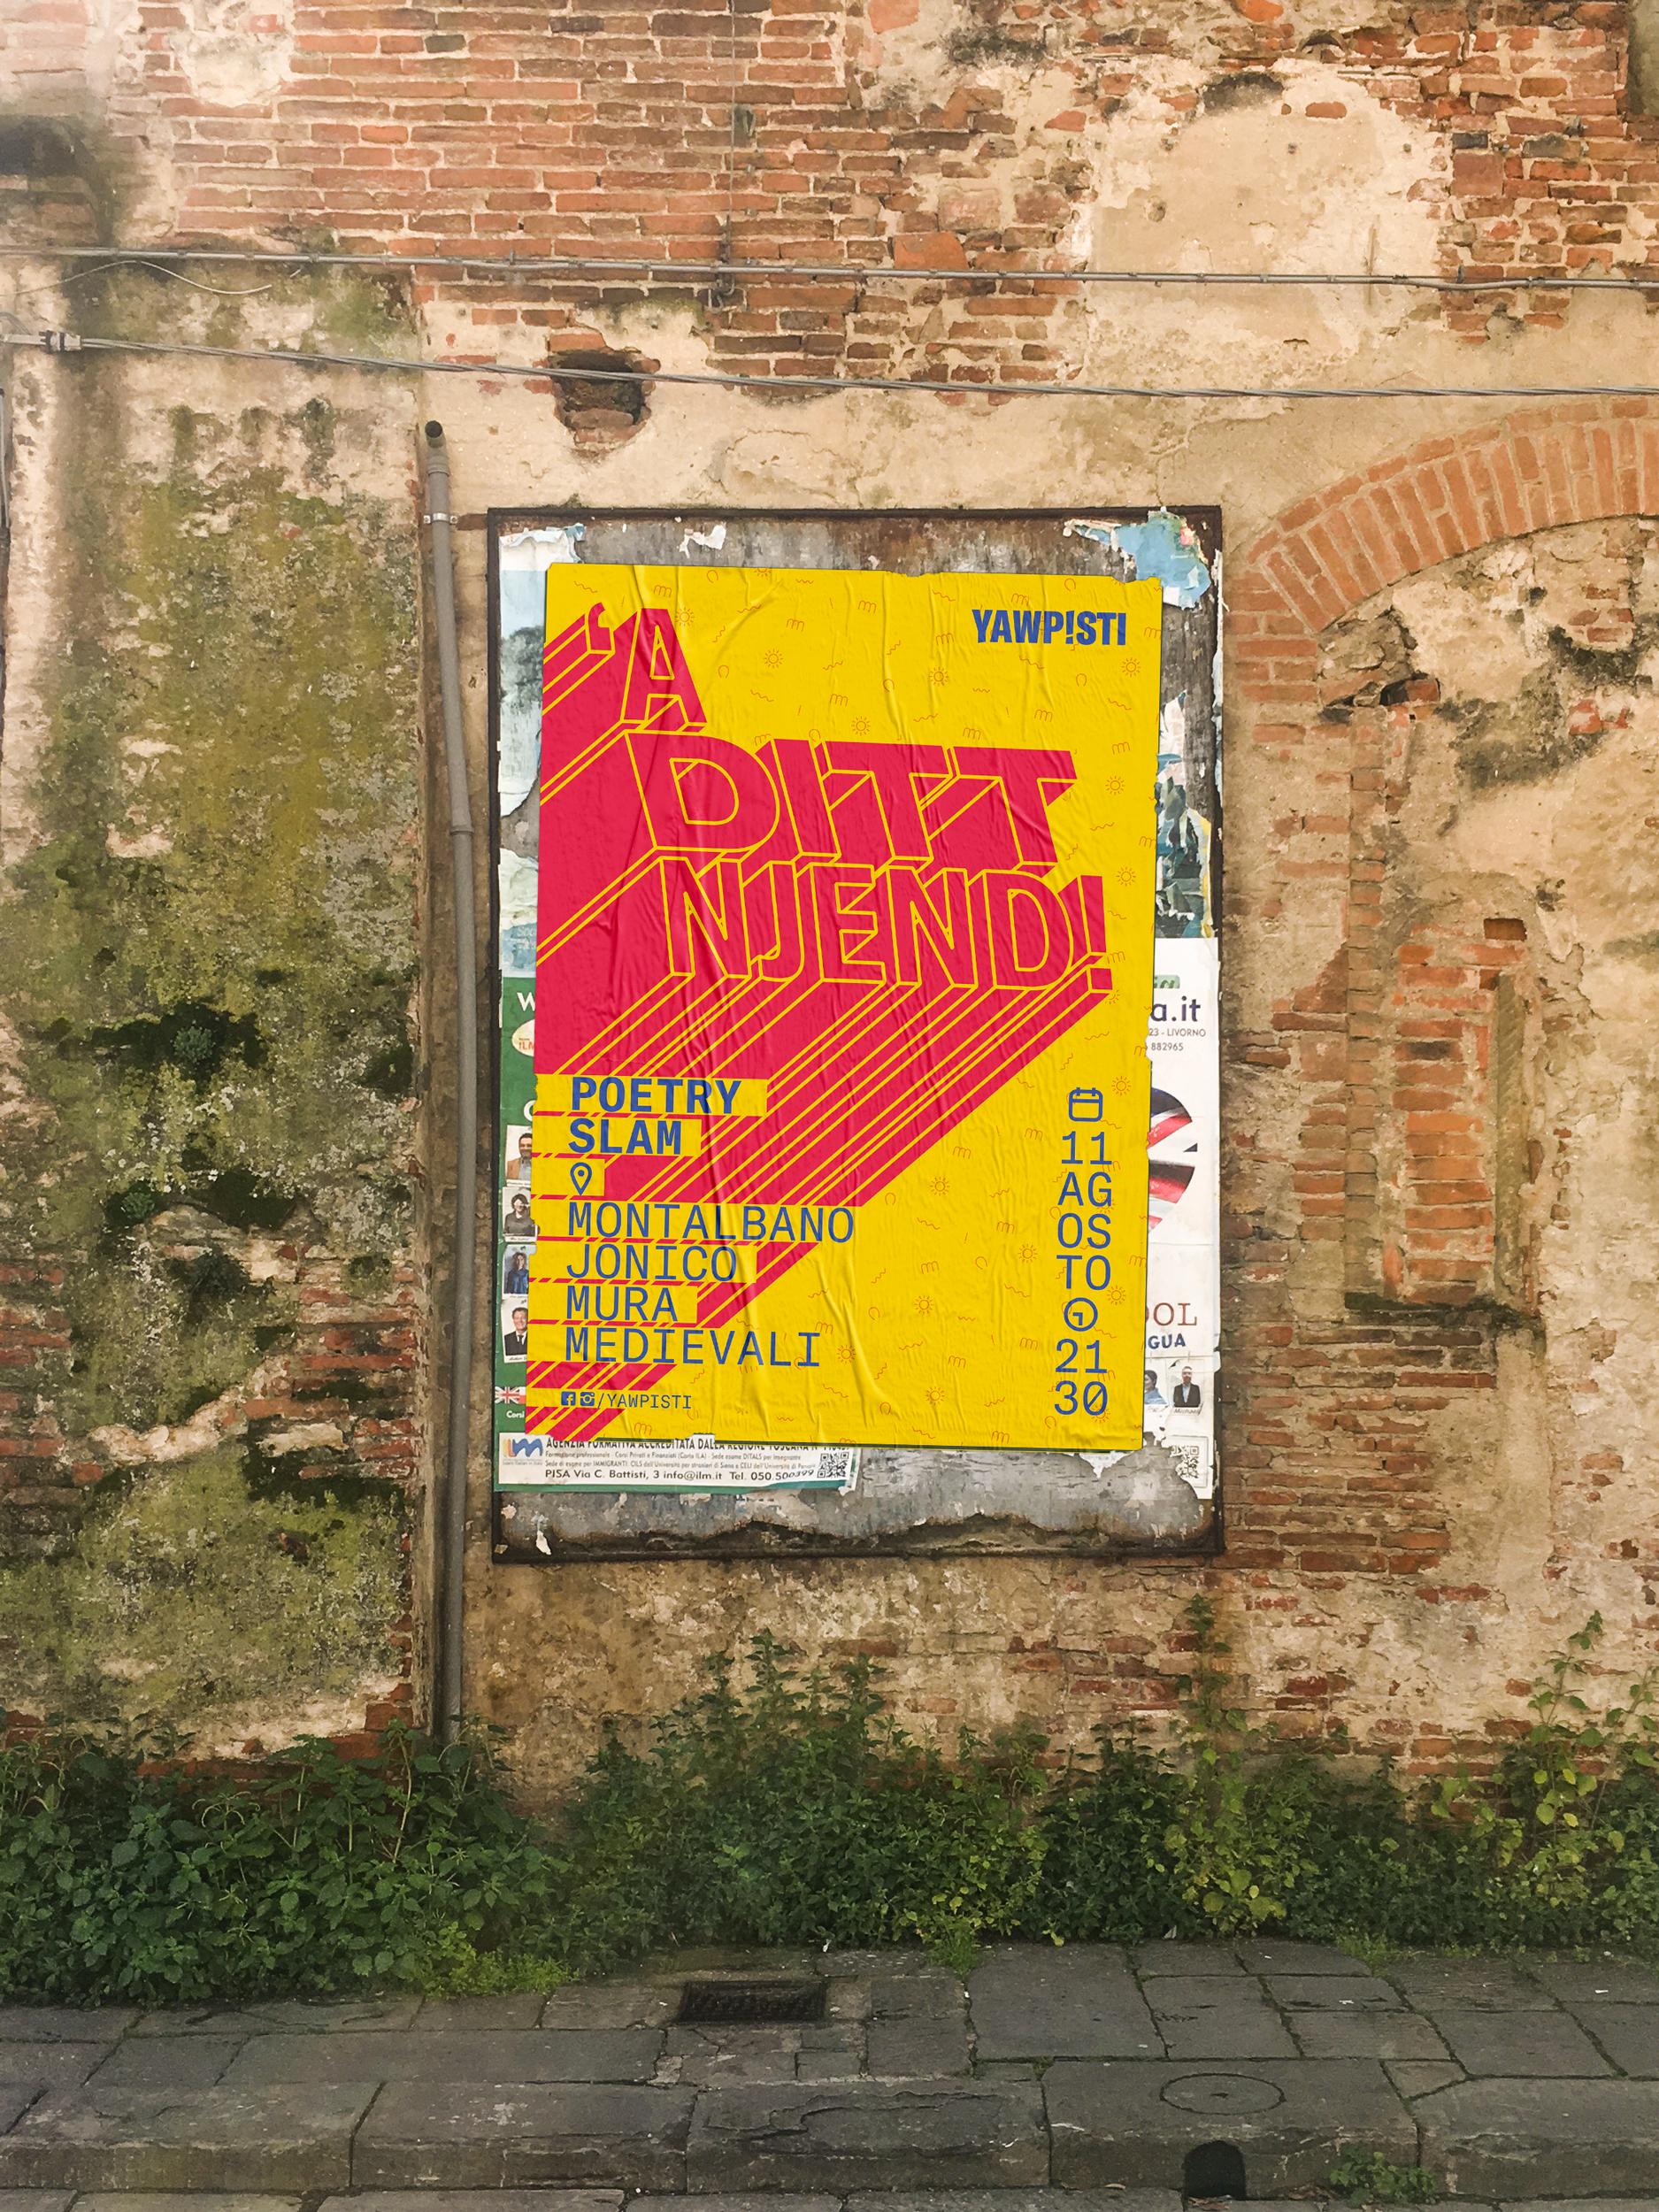 'A Ditt Njend! Poetry Slam poster